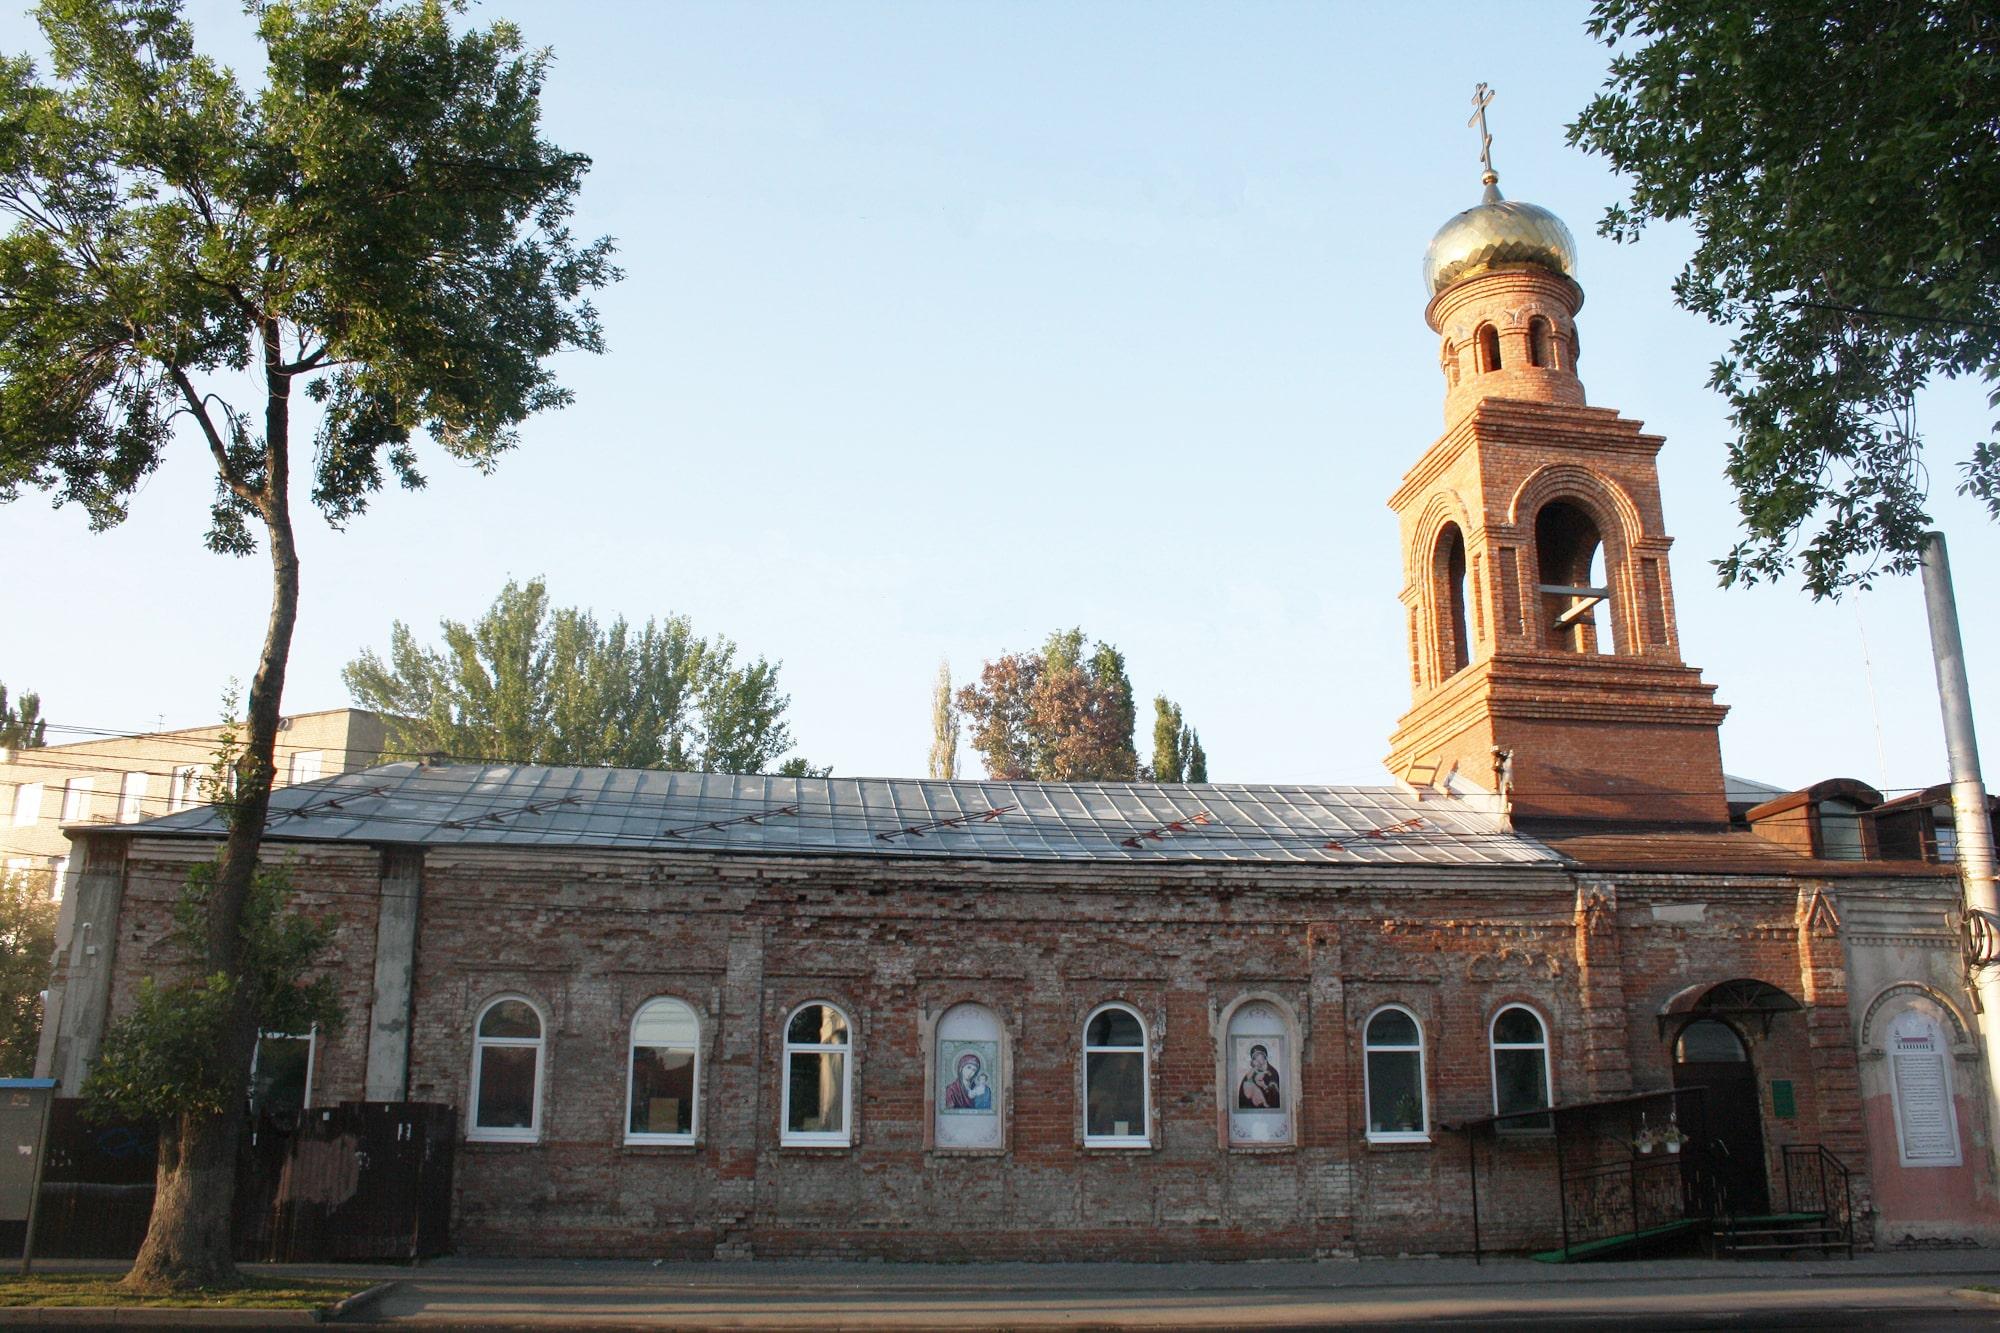 Церковь Казанской иконы Божьей матери, перестроенная из фабрики шведских спичек Кана – Зелихмана, 1899 год. Освящена 2 января 1900 года